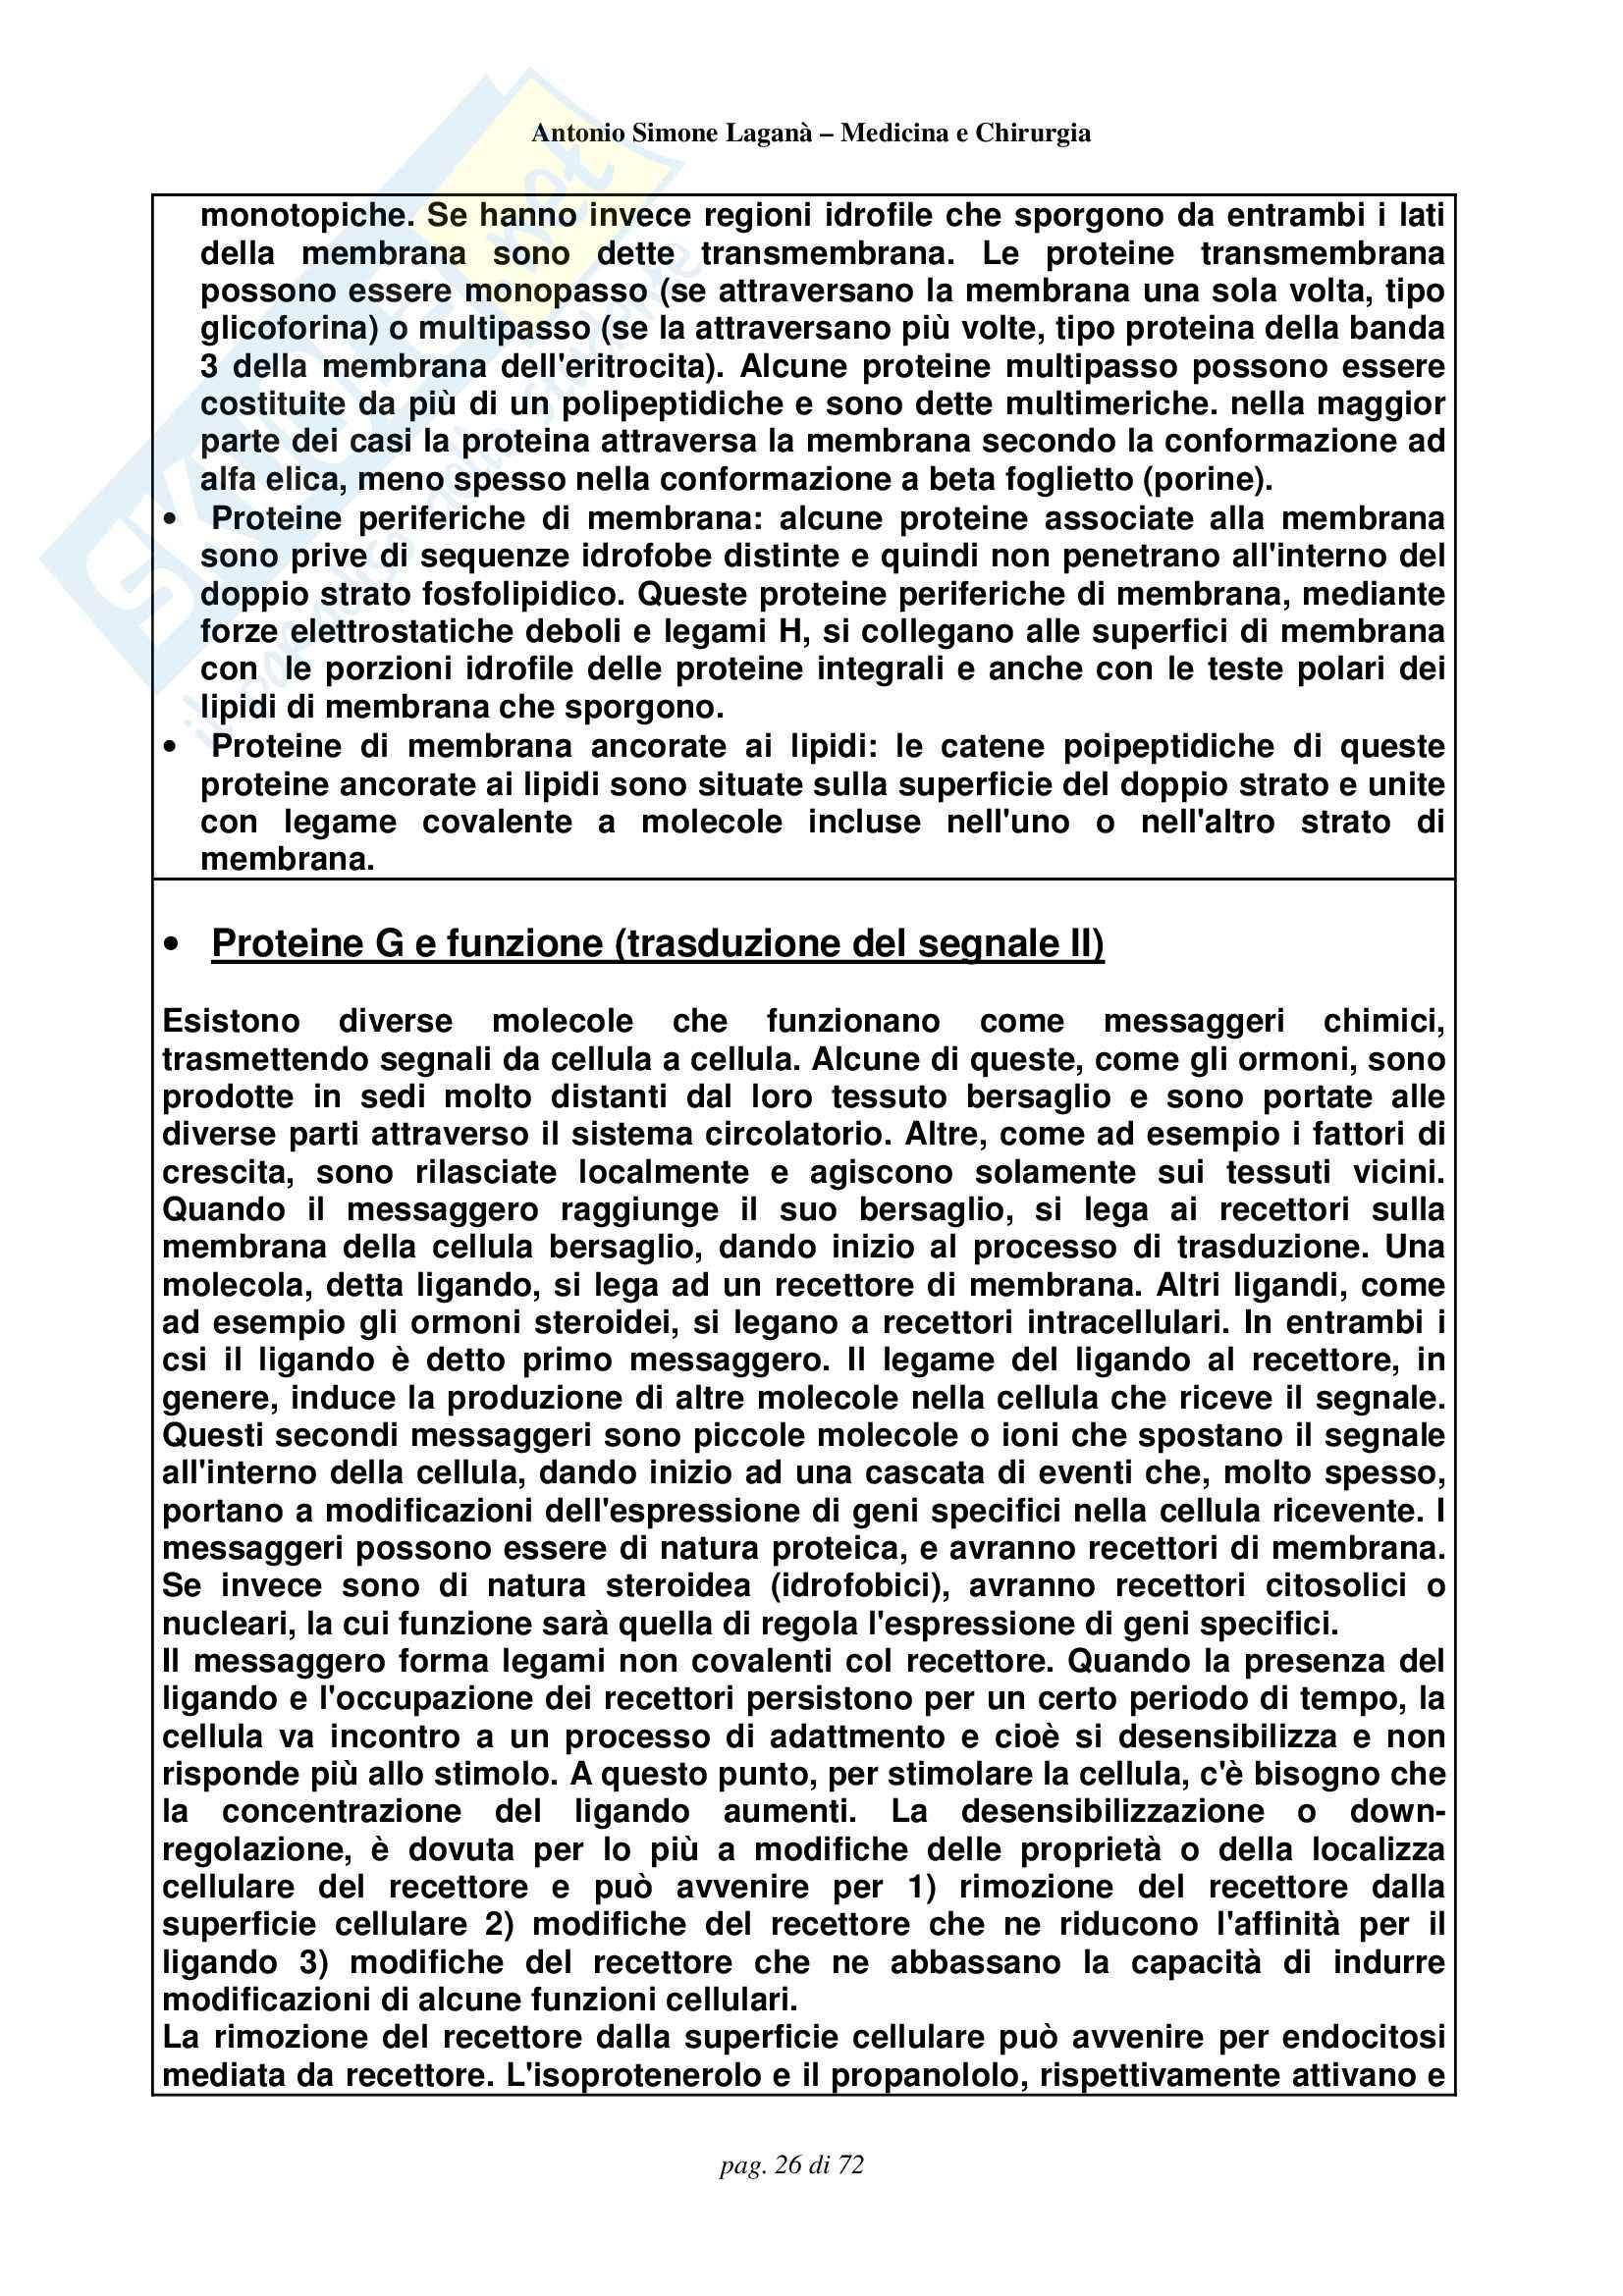 Biologia e Genetica - Compendio Pag. 26